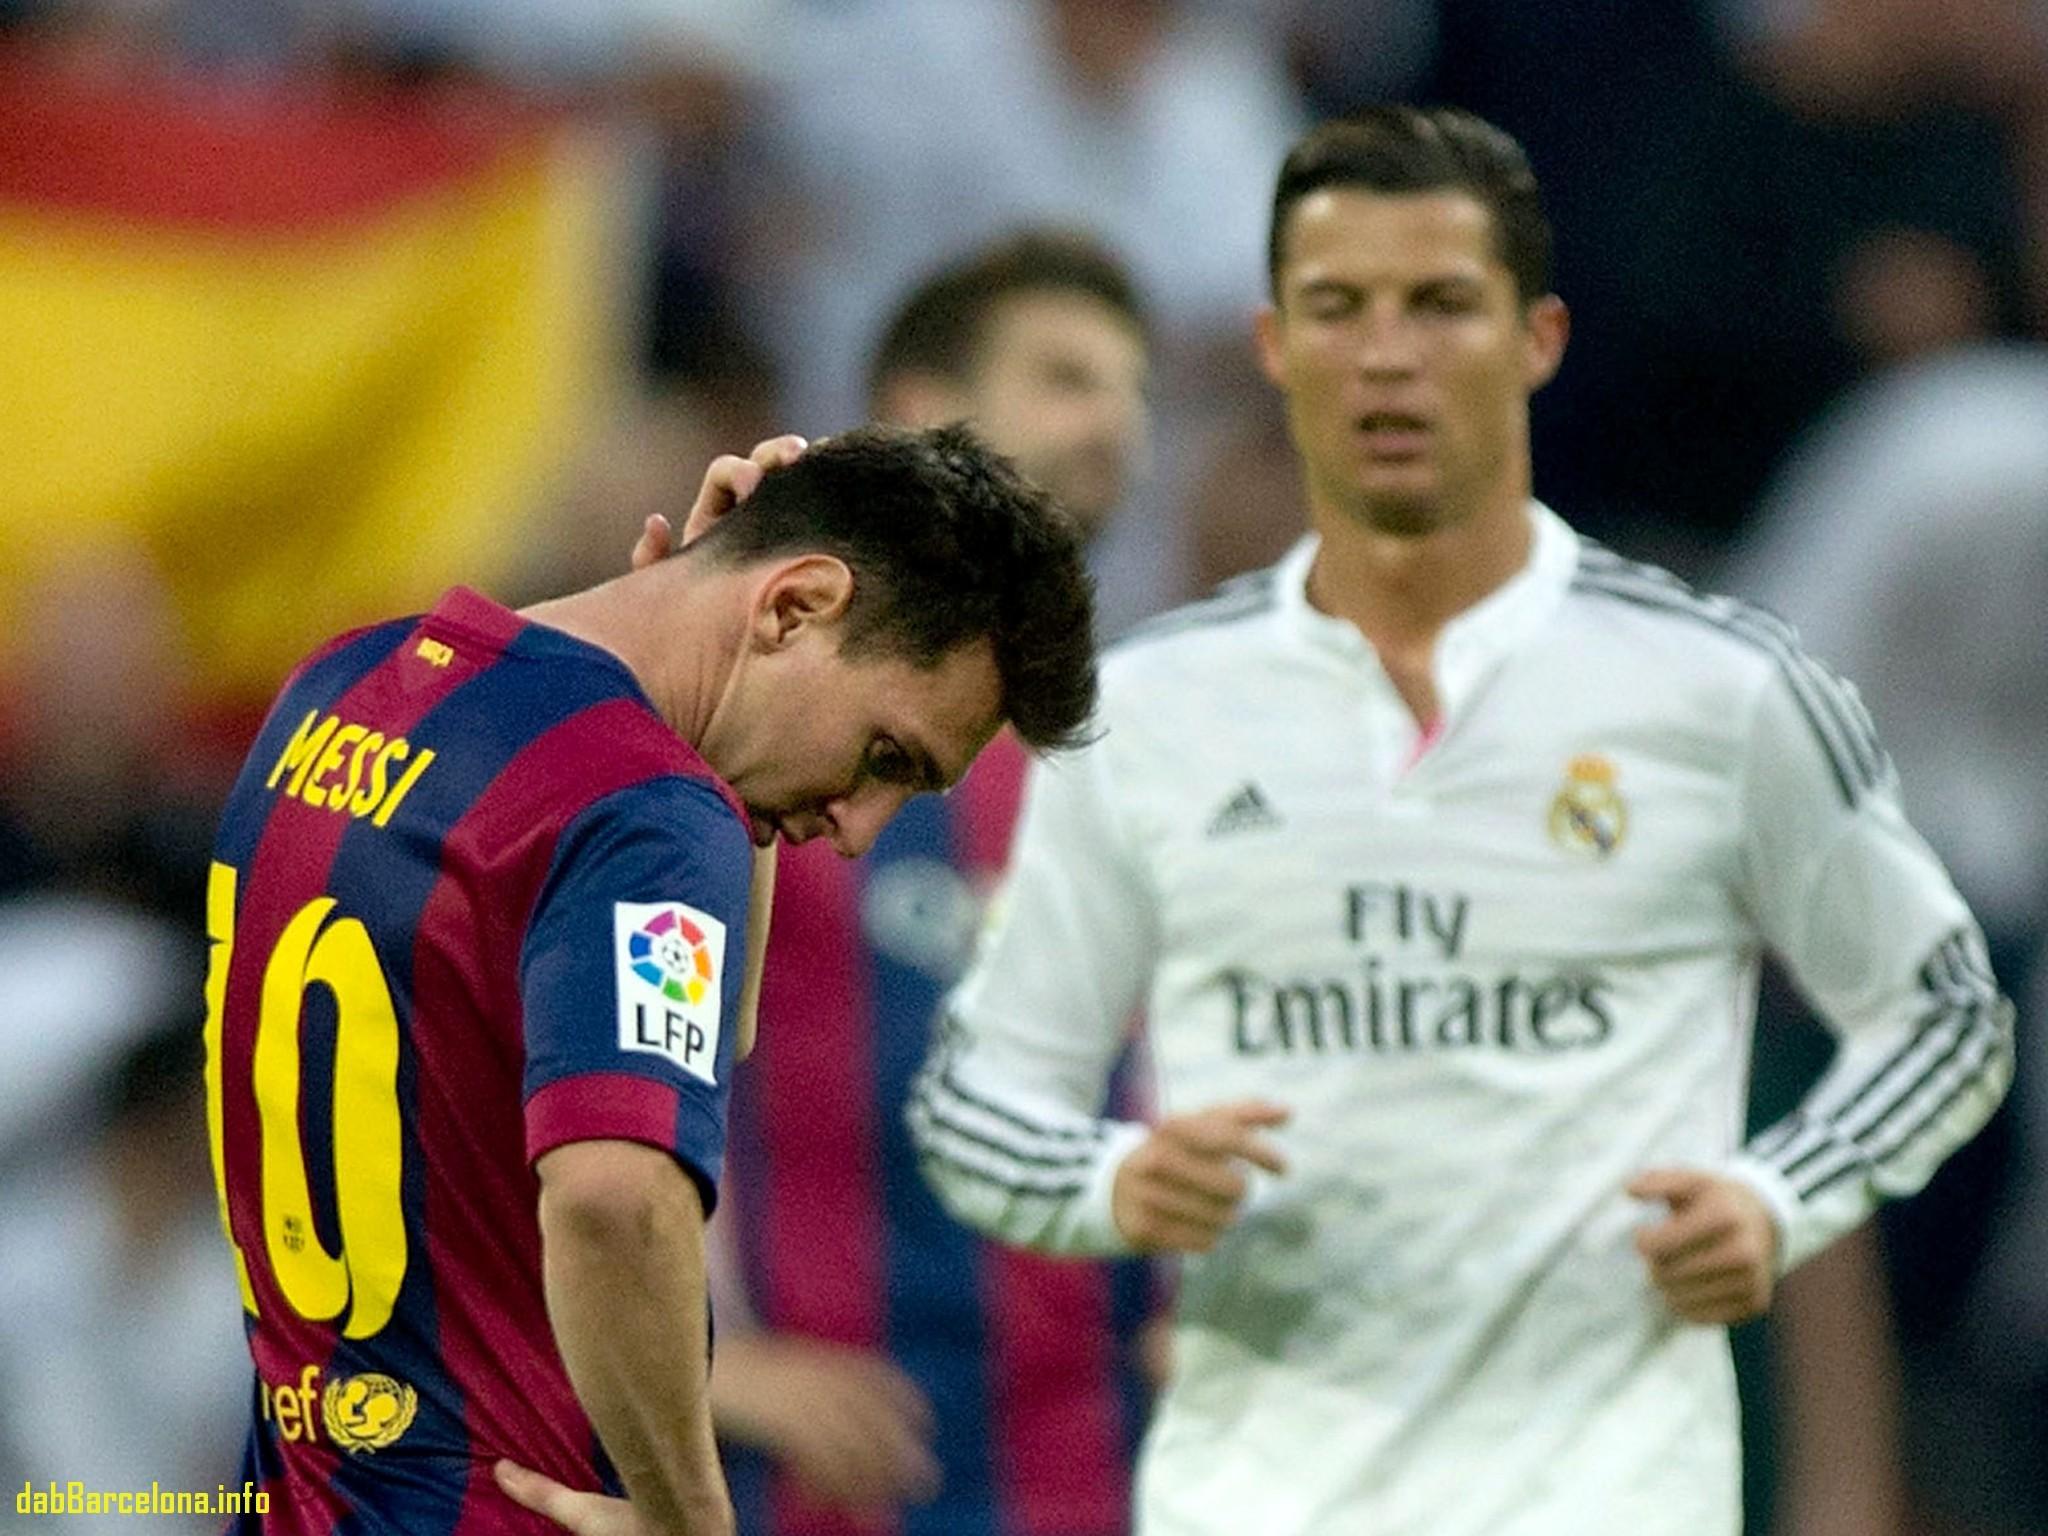 New Cristiano Ronaldo Vs Messi Face to Face Zzt4